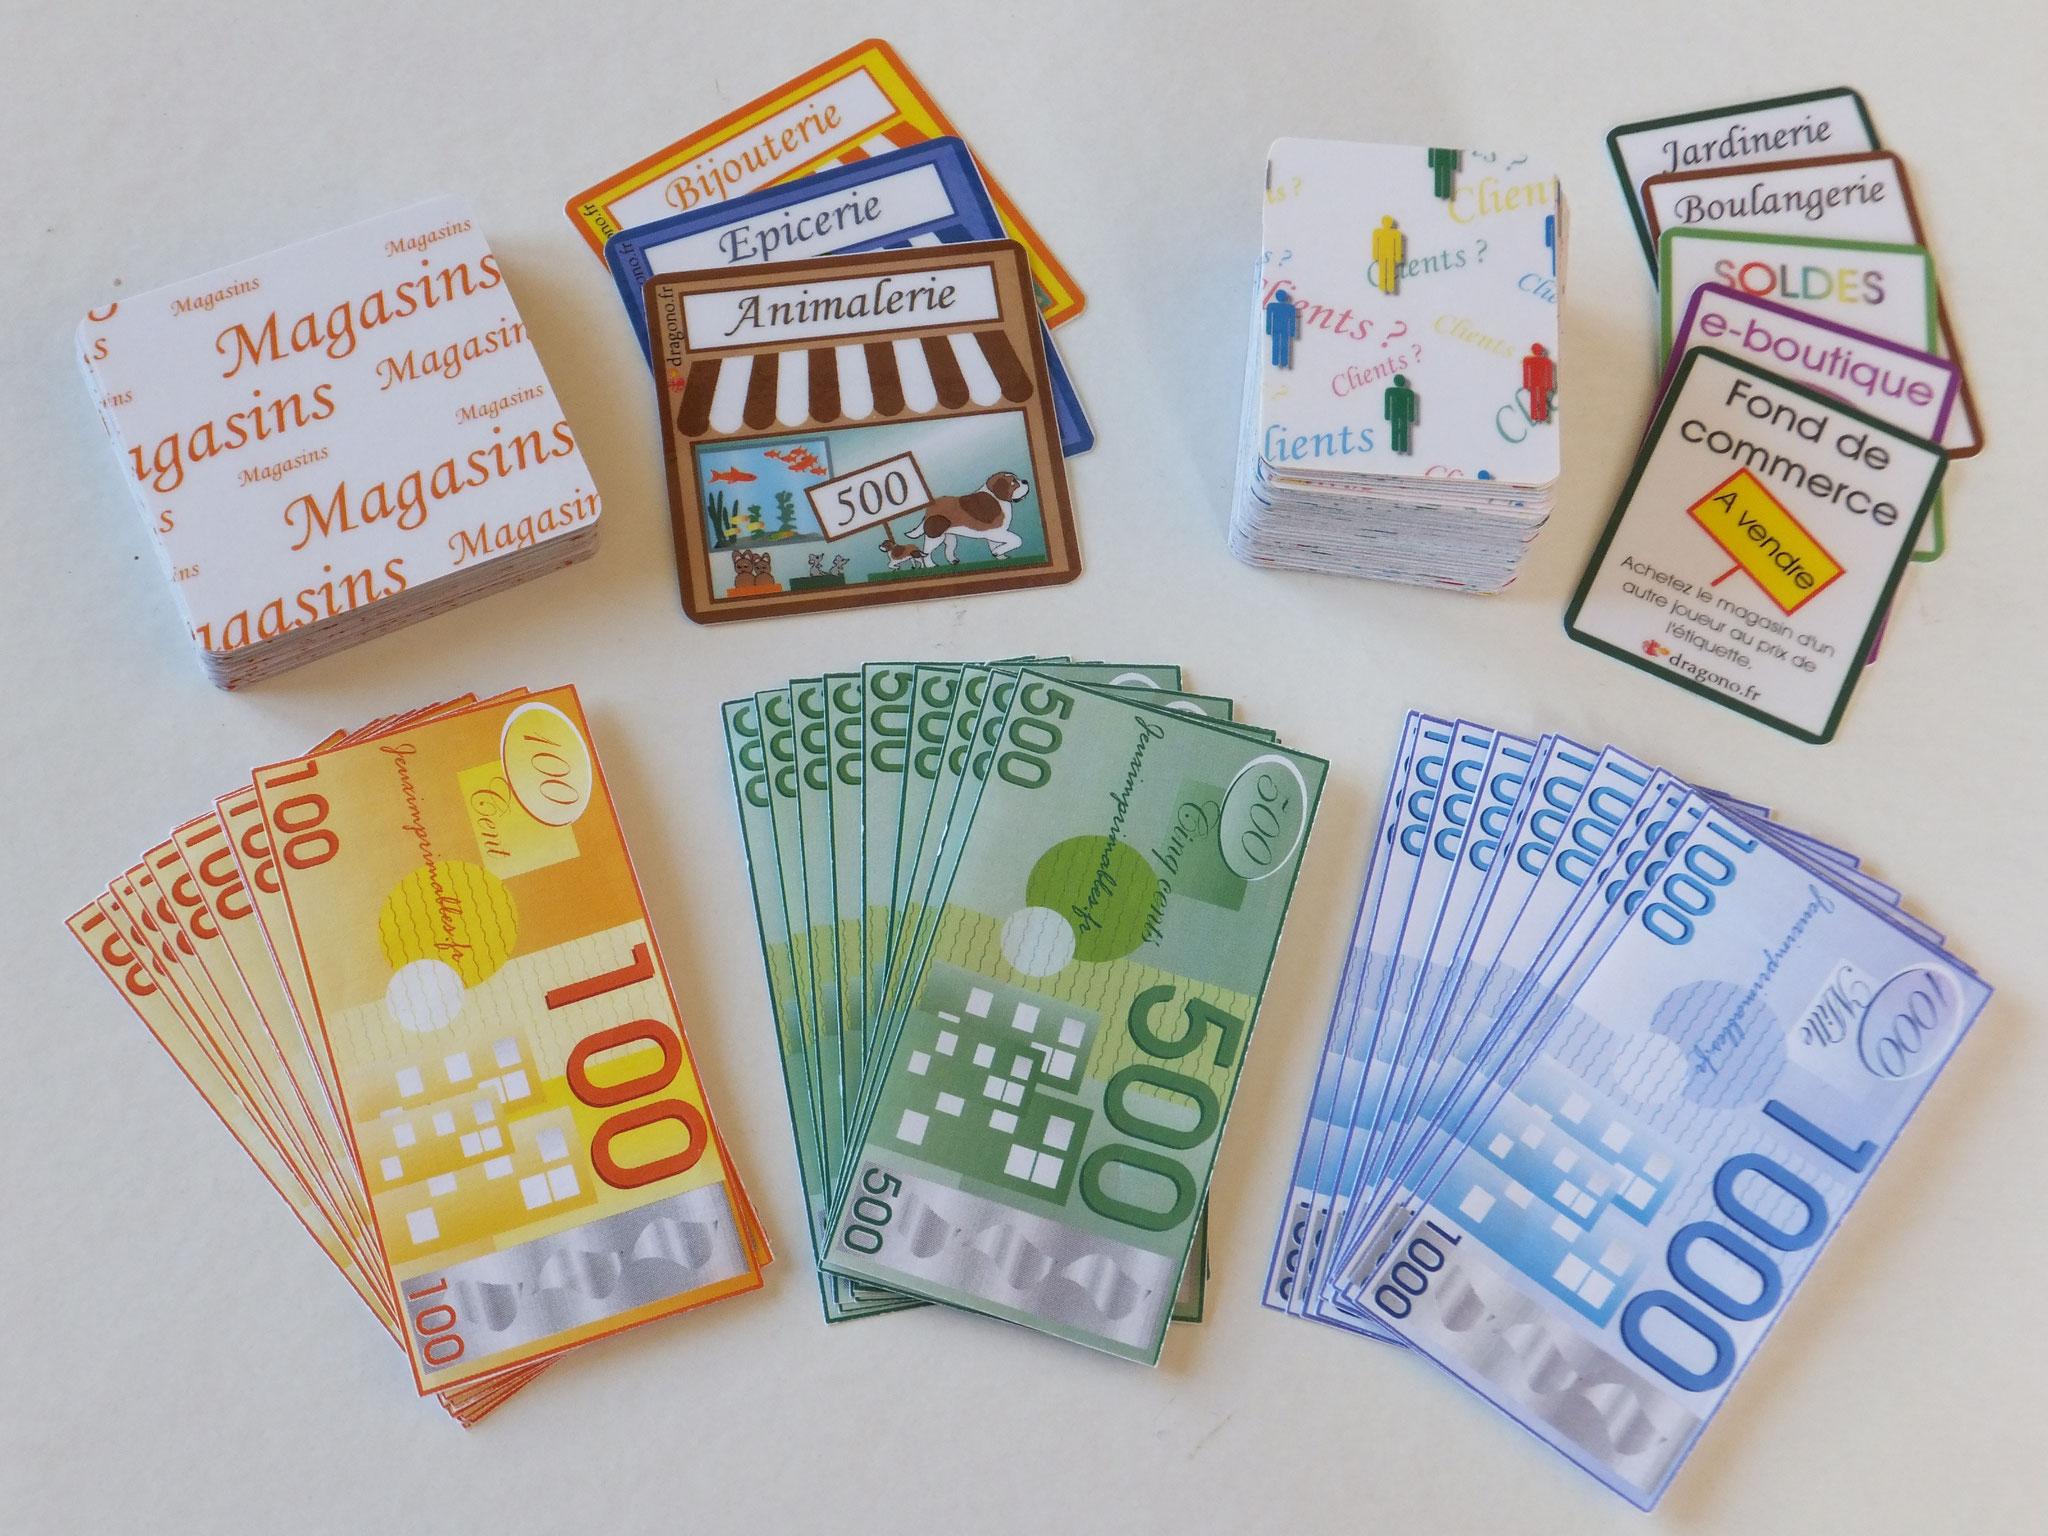 Jeux A Imprimer Pour Enfants, Famille, Ludiques, Éducatifs encequiconcerne Jeux De Maternelle À Imprimer